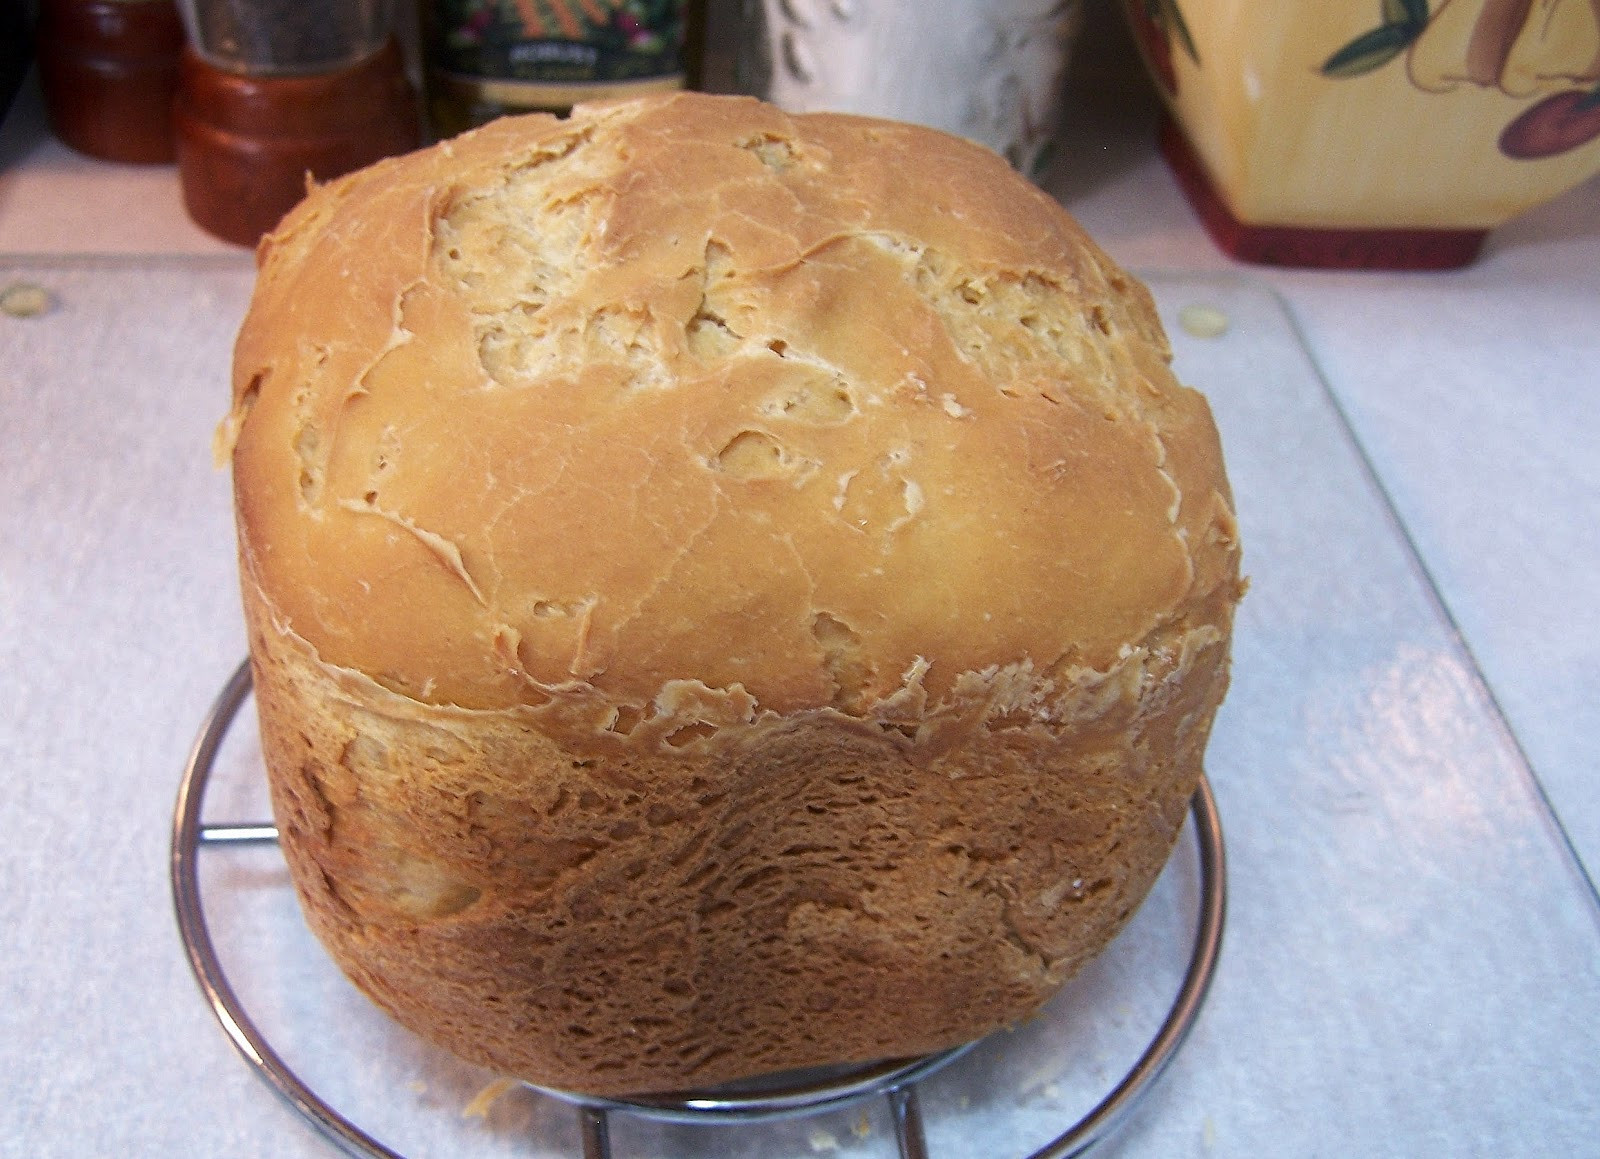 Bread Recipes For Bread Machine  Spectacular Gluten Free Bread in the Bread Machine